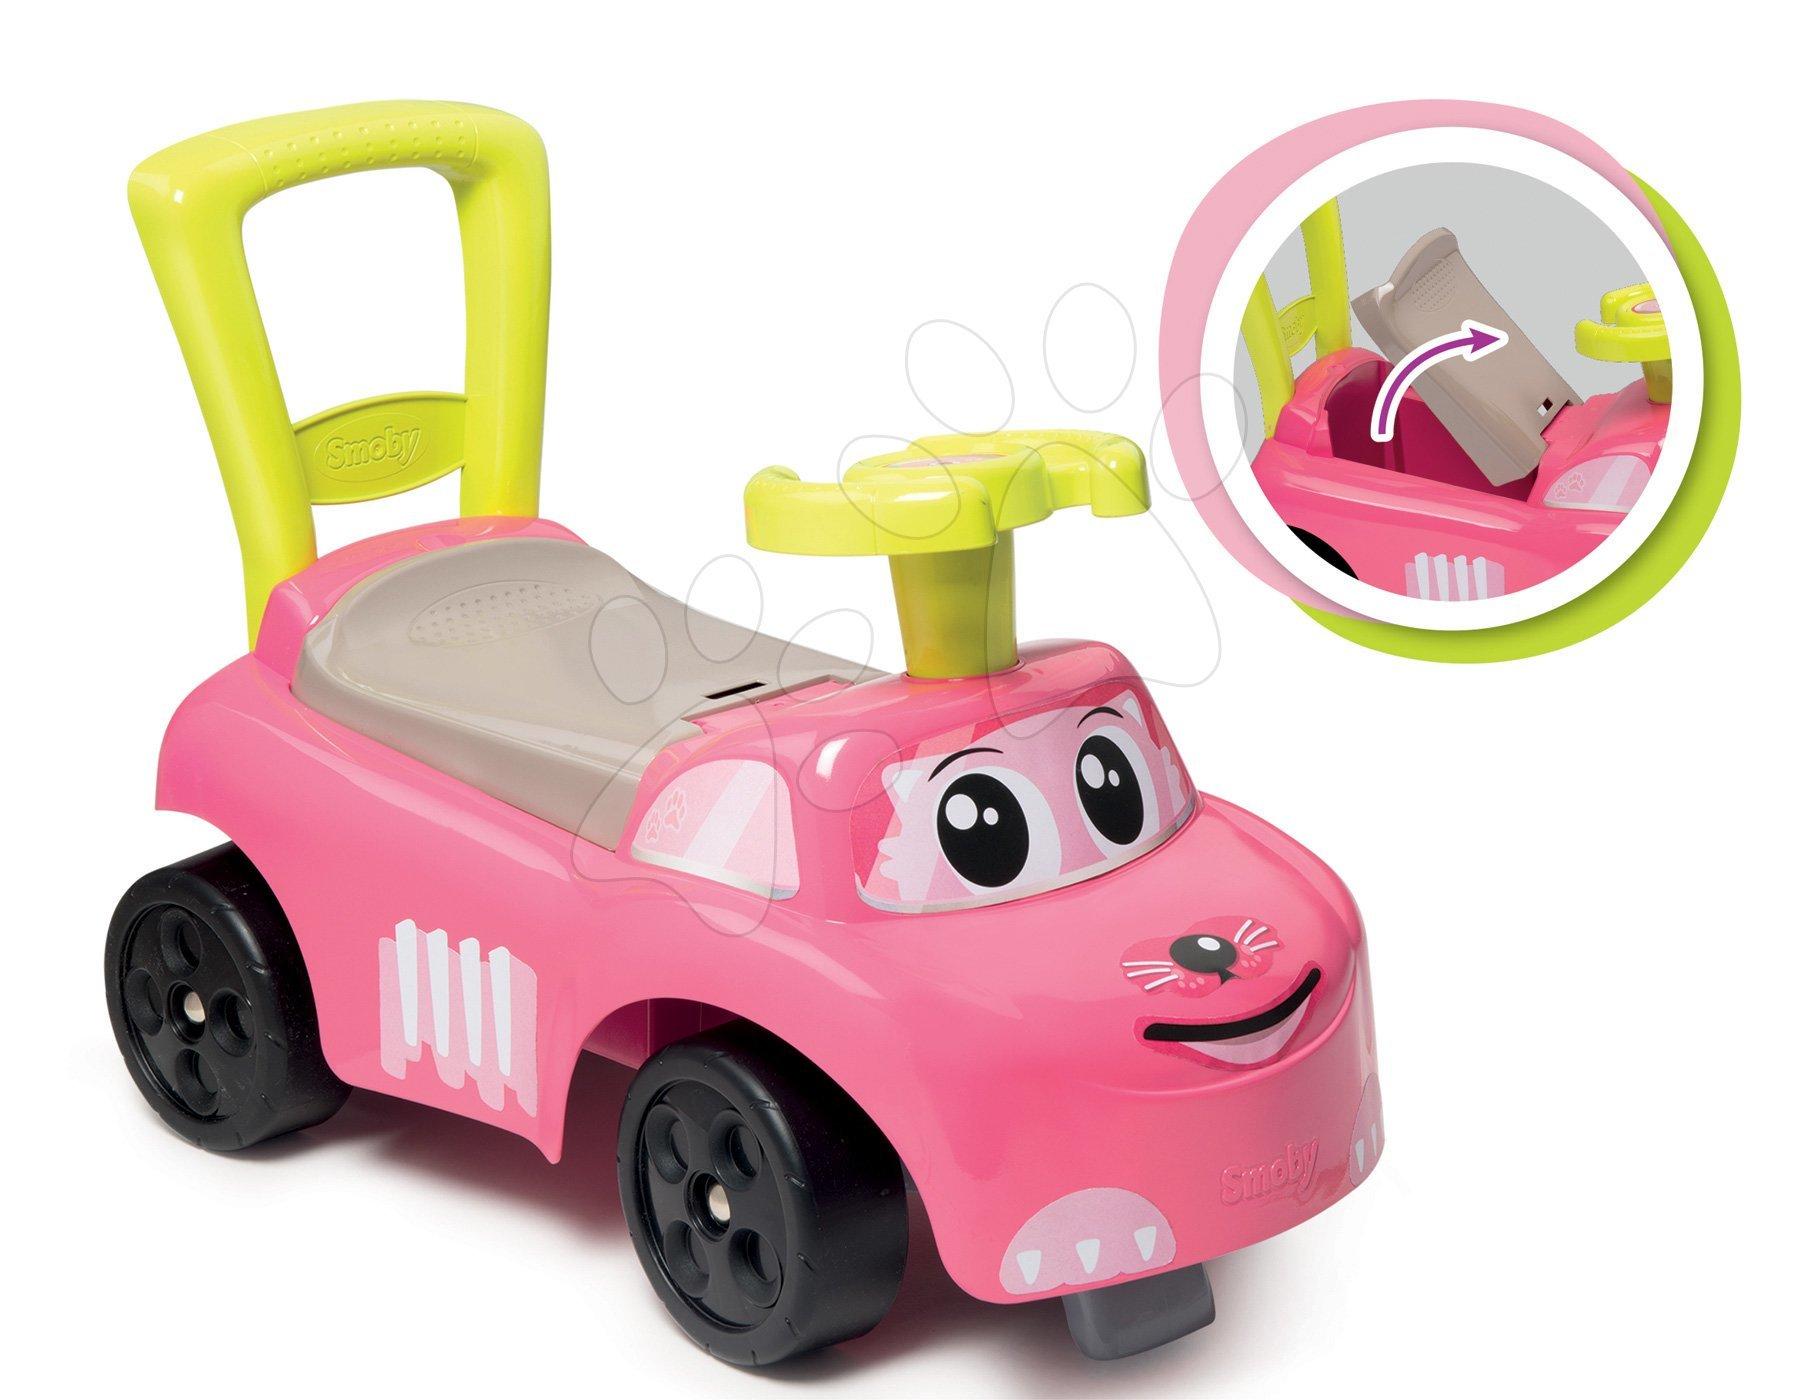 Babytaxiu şi premergător Auto Pink Ride on Smoby cu spaţiu pentru depozitare şi spătar roz